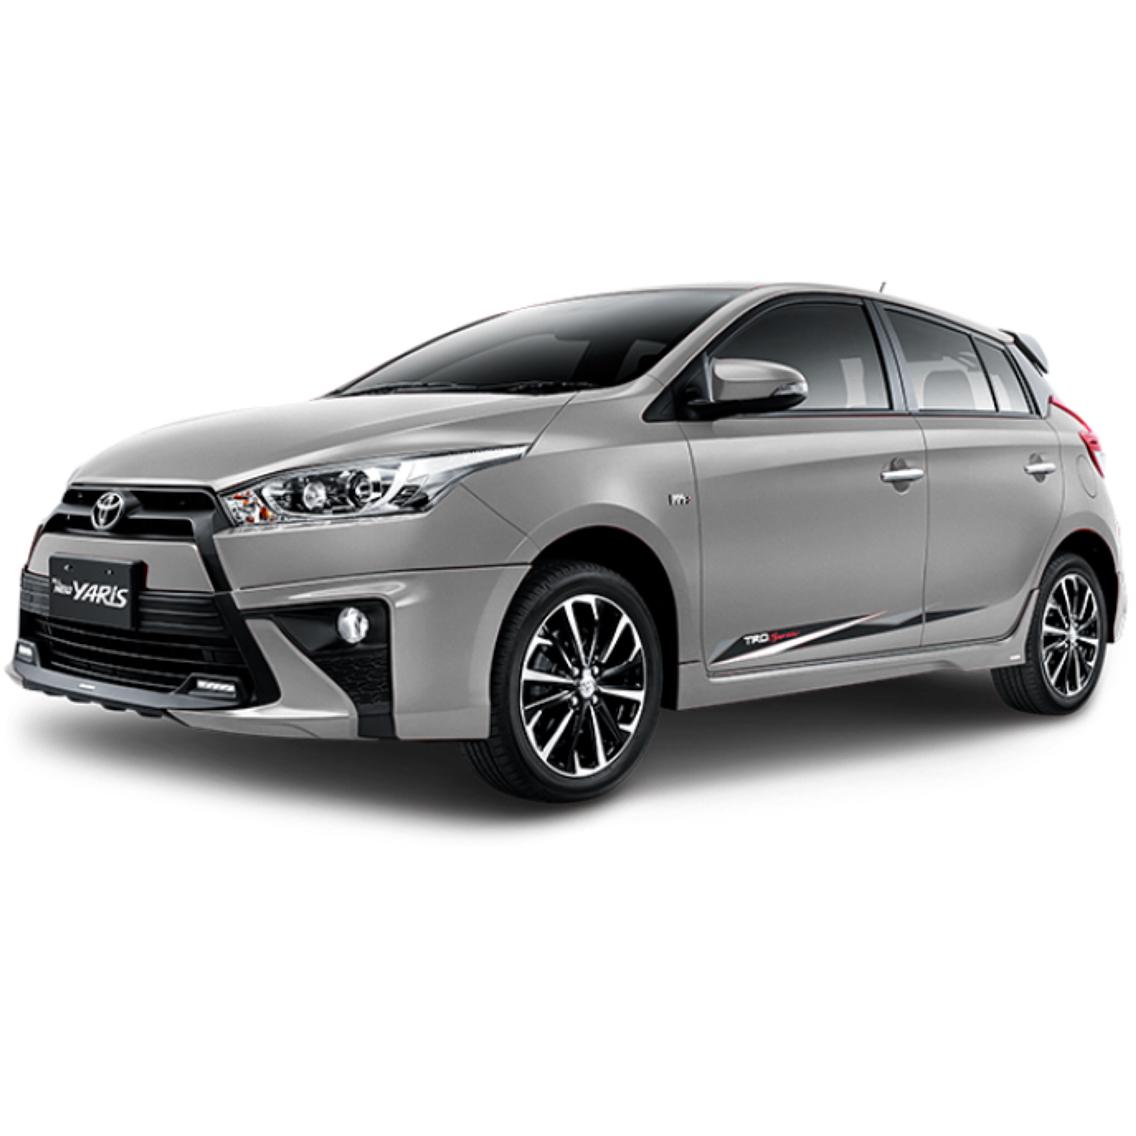 Harga New Yaris Trd 2018 All Camry Hybrid Review Mobil Toyota Semarang Sales Promo Kredit